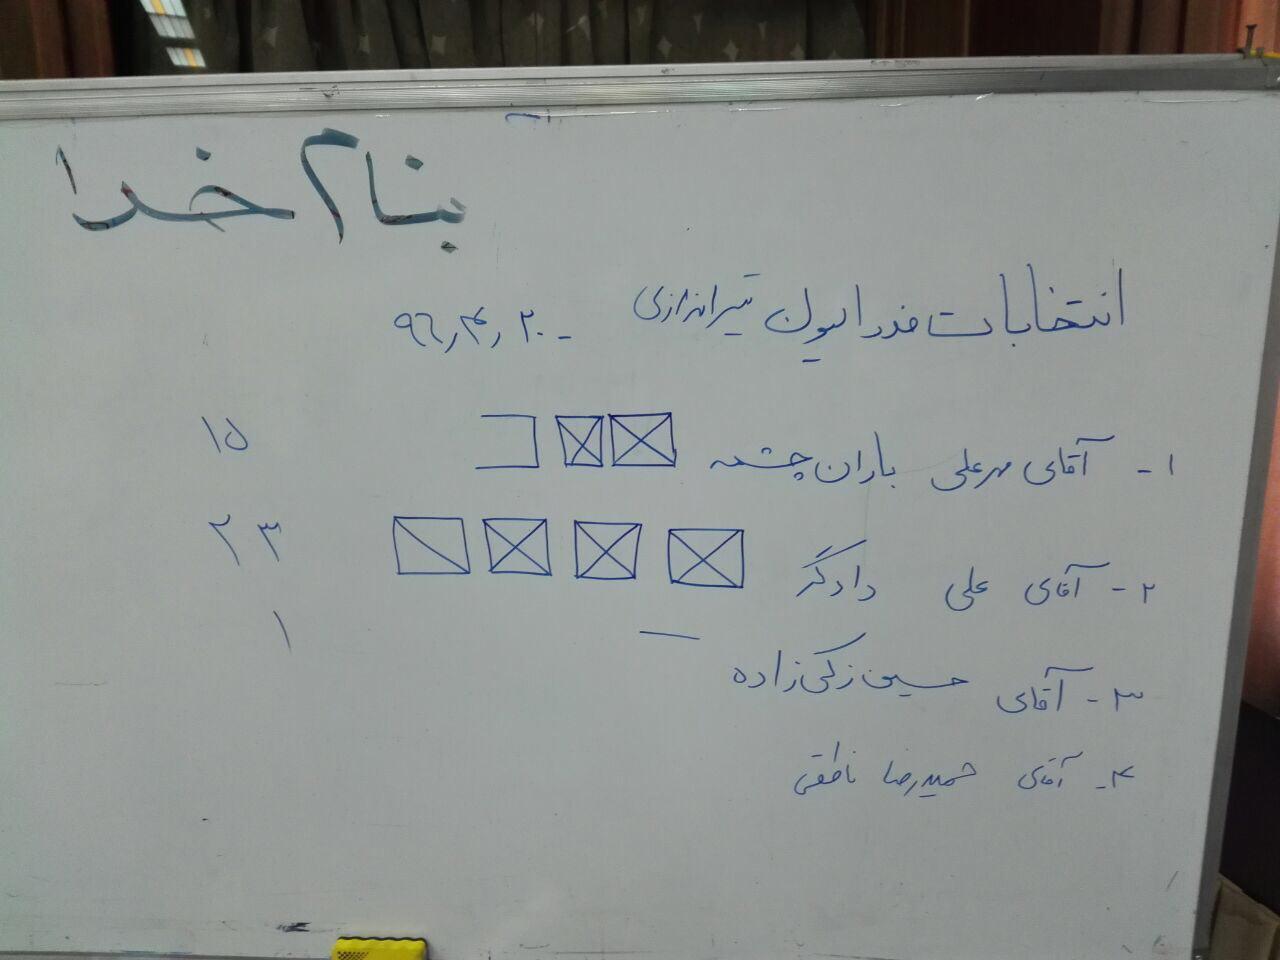 علی دادگر رئیس فدراسیون تیراندازی شد